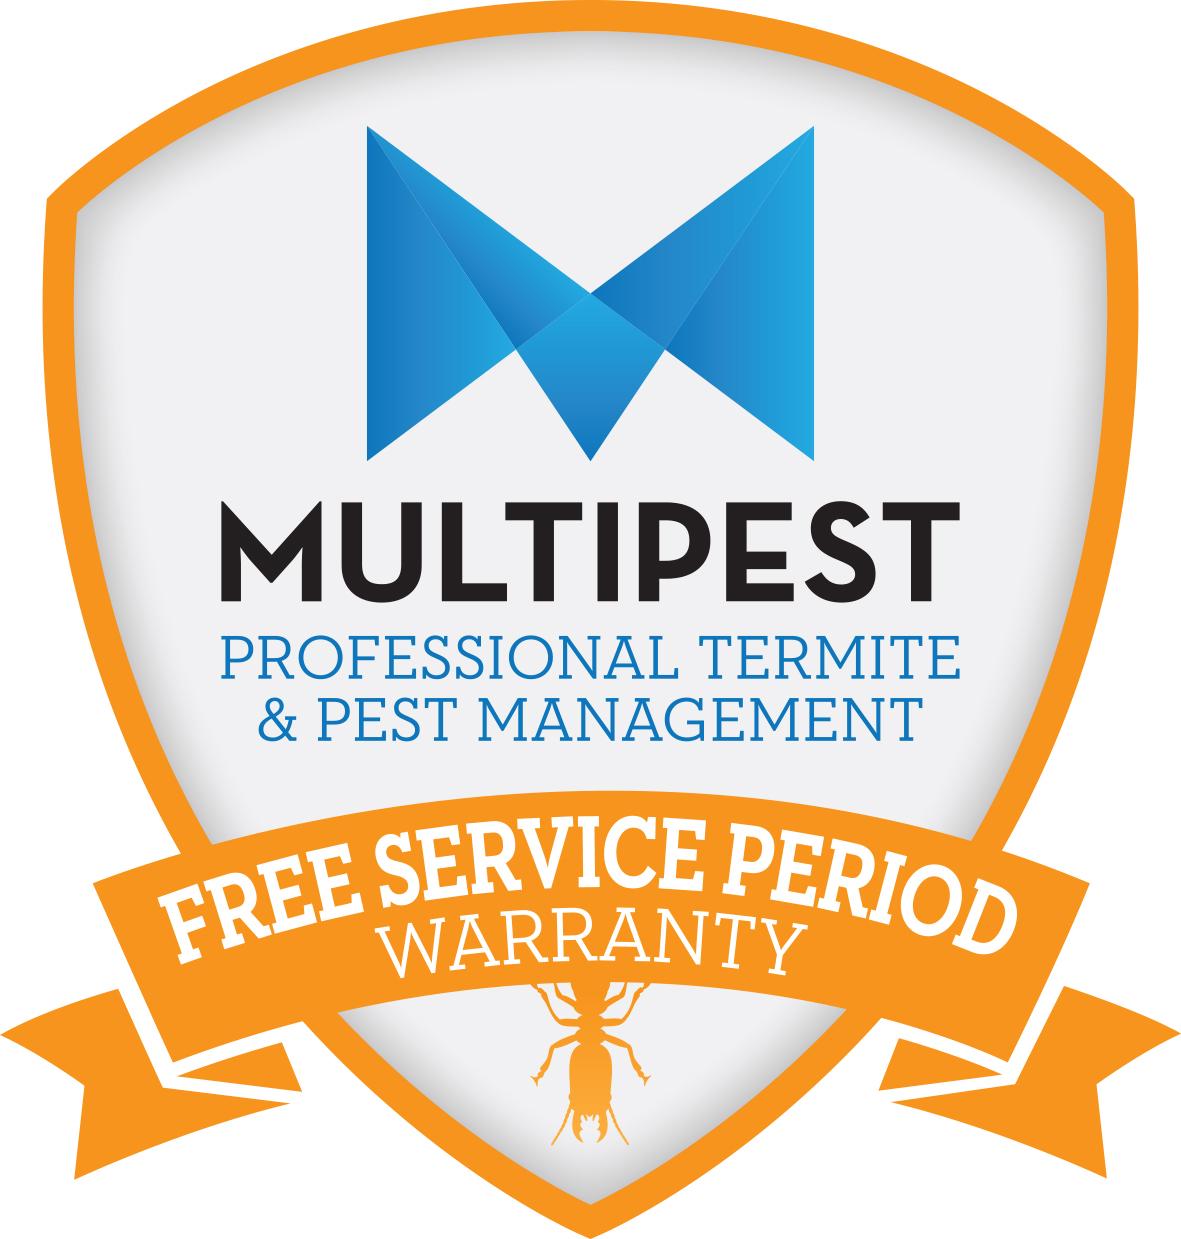 Multipest Free Service Period.jpg